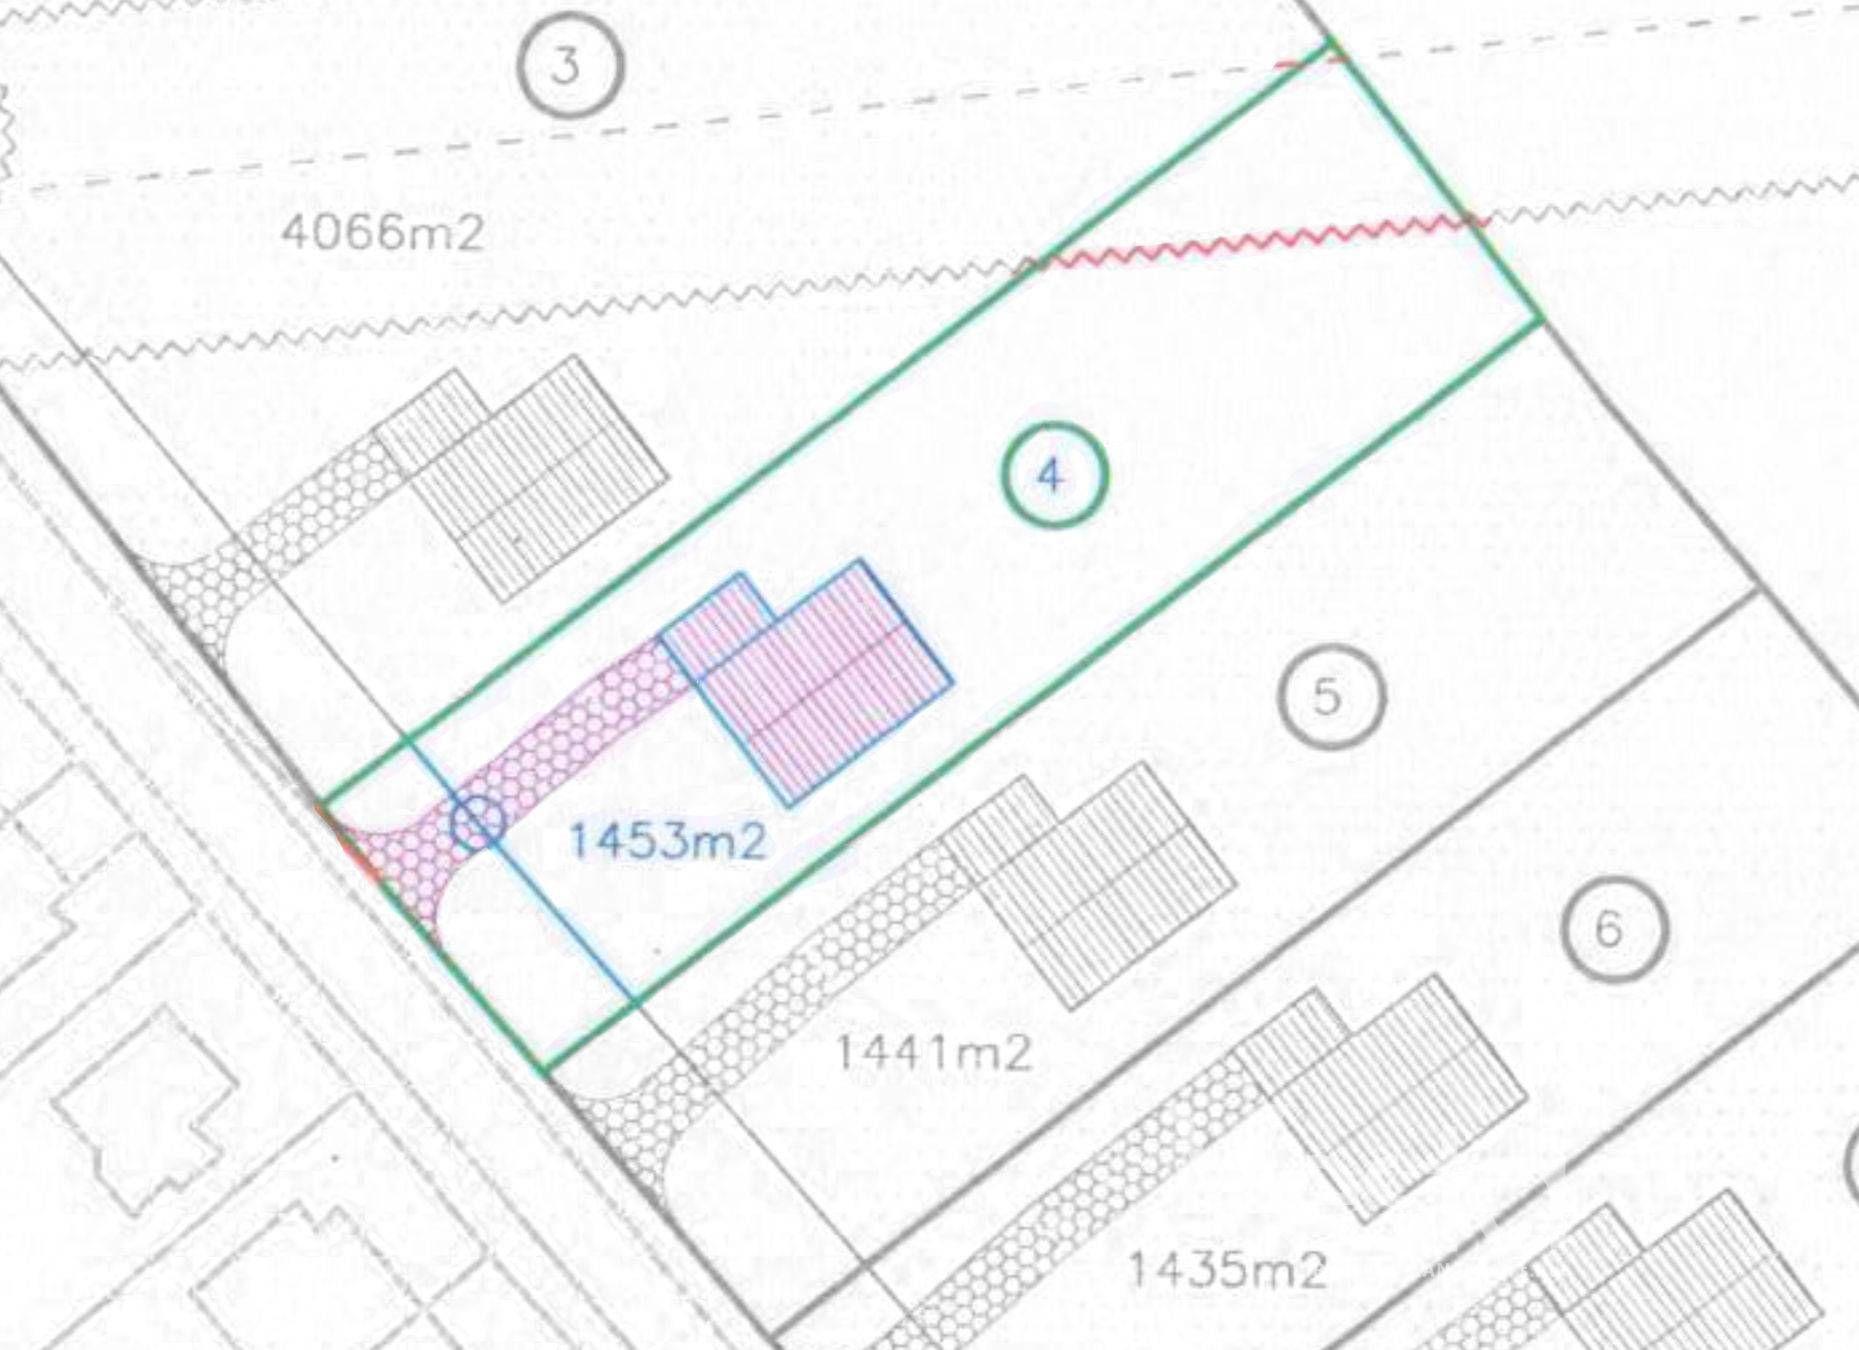 Pozemek pro výstavbu rodinného domu 1 453 m2